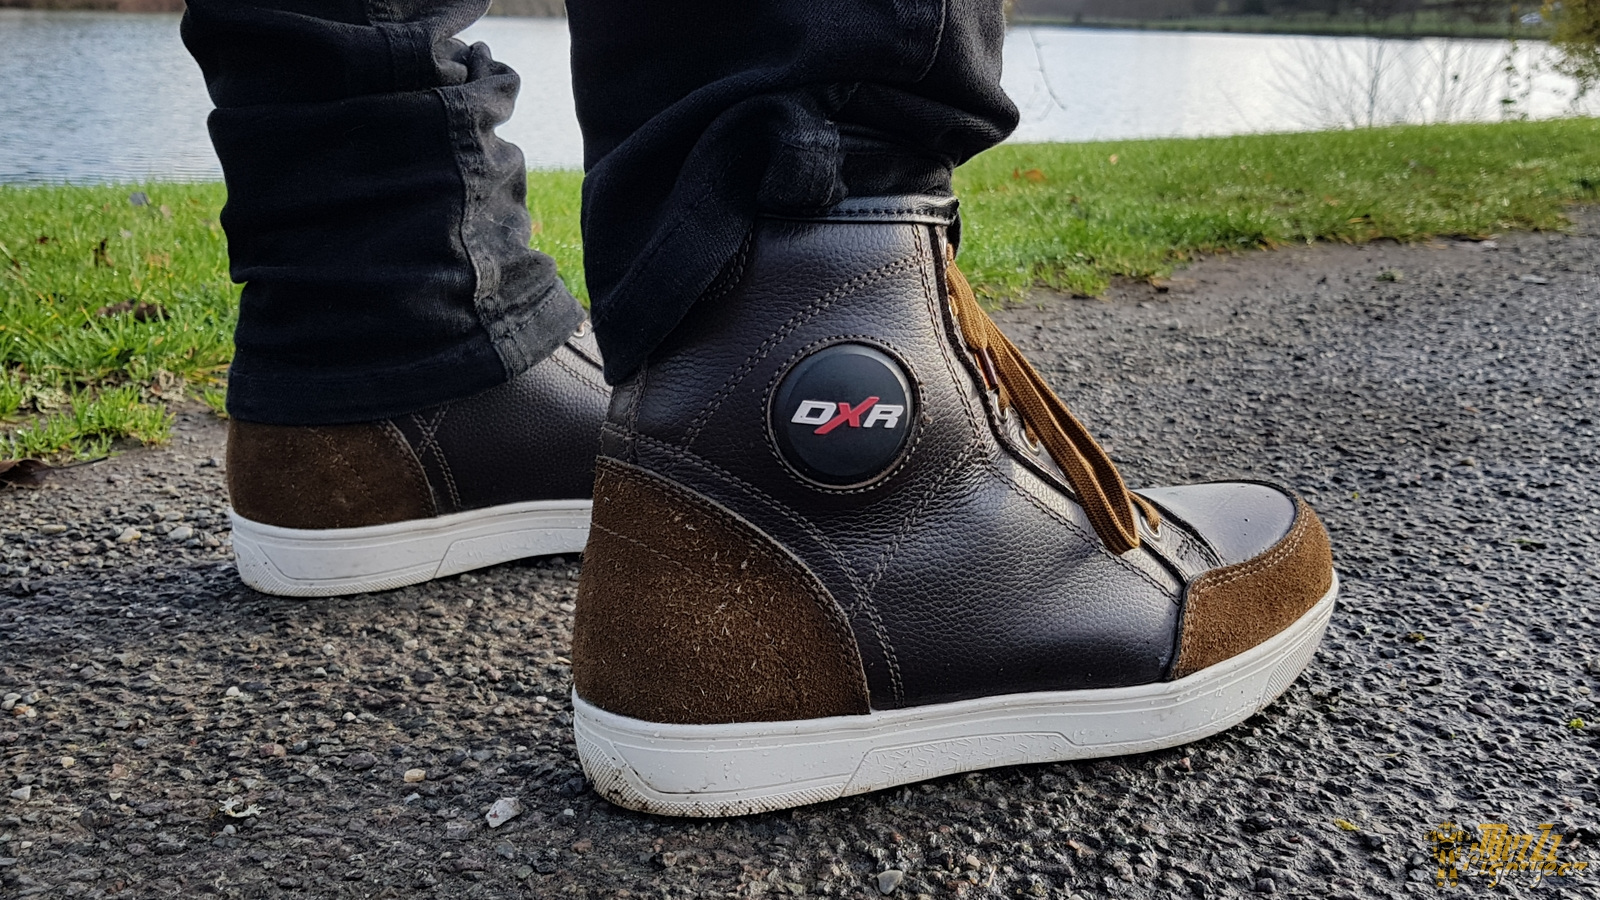 Chaussures DXR Santa Cruz : impressionnantes dans le froid, chaudes par fortes chaleurs